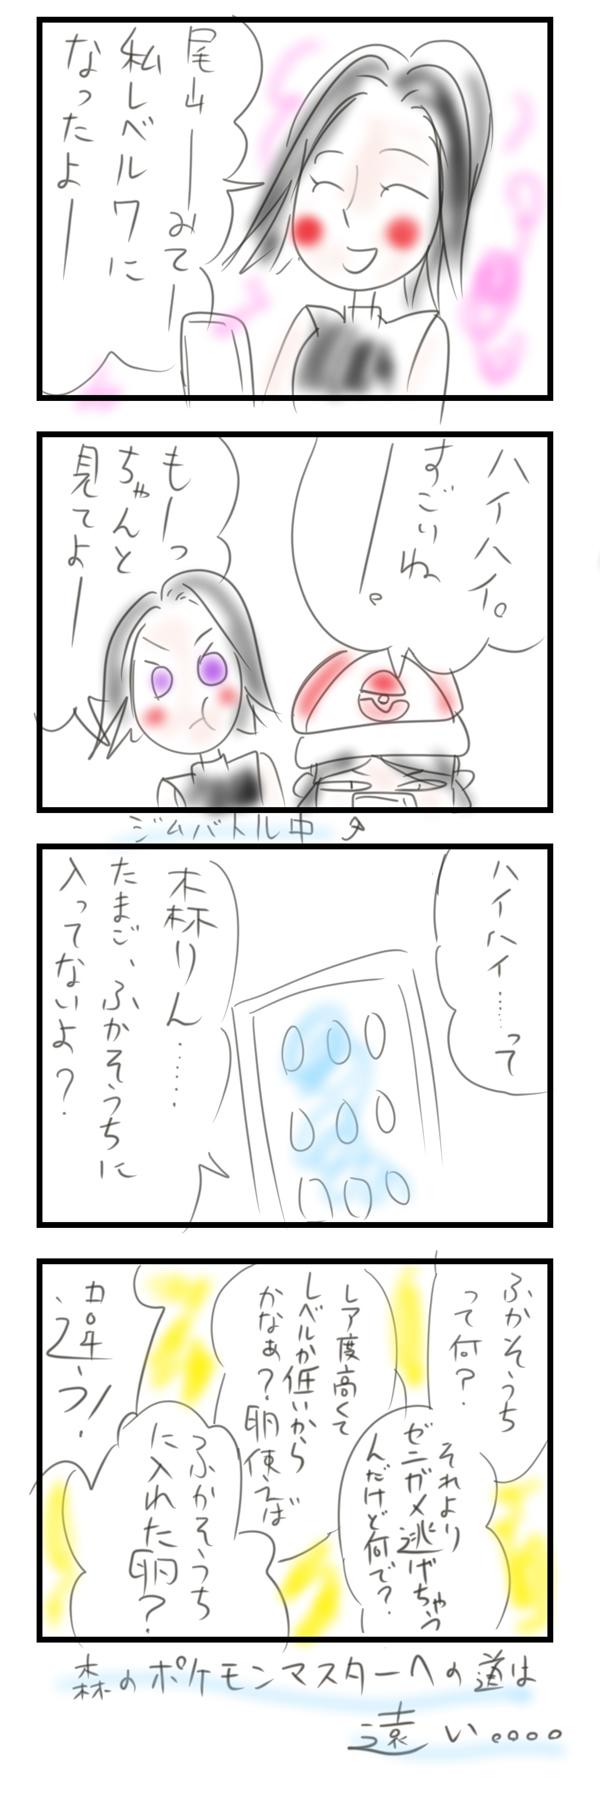 ポケモン漫画2